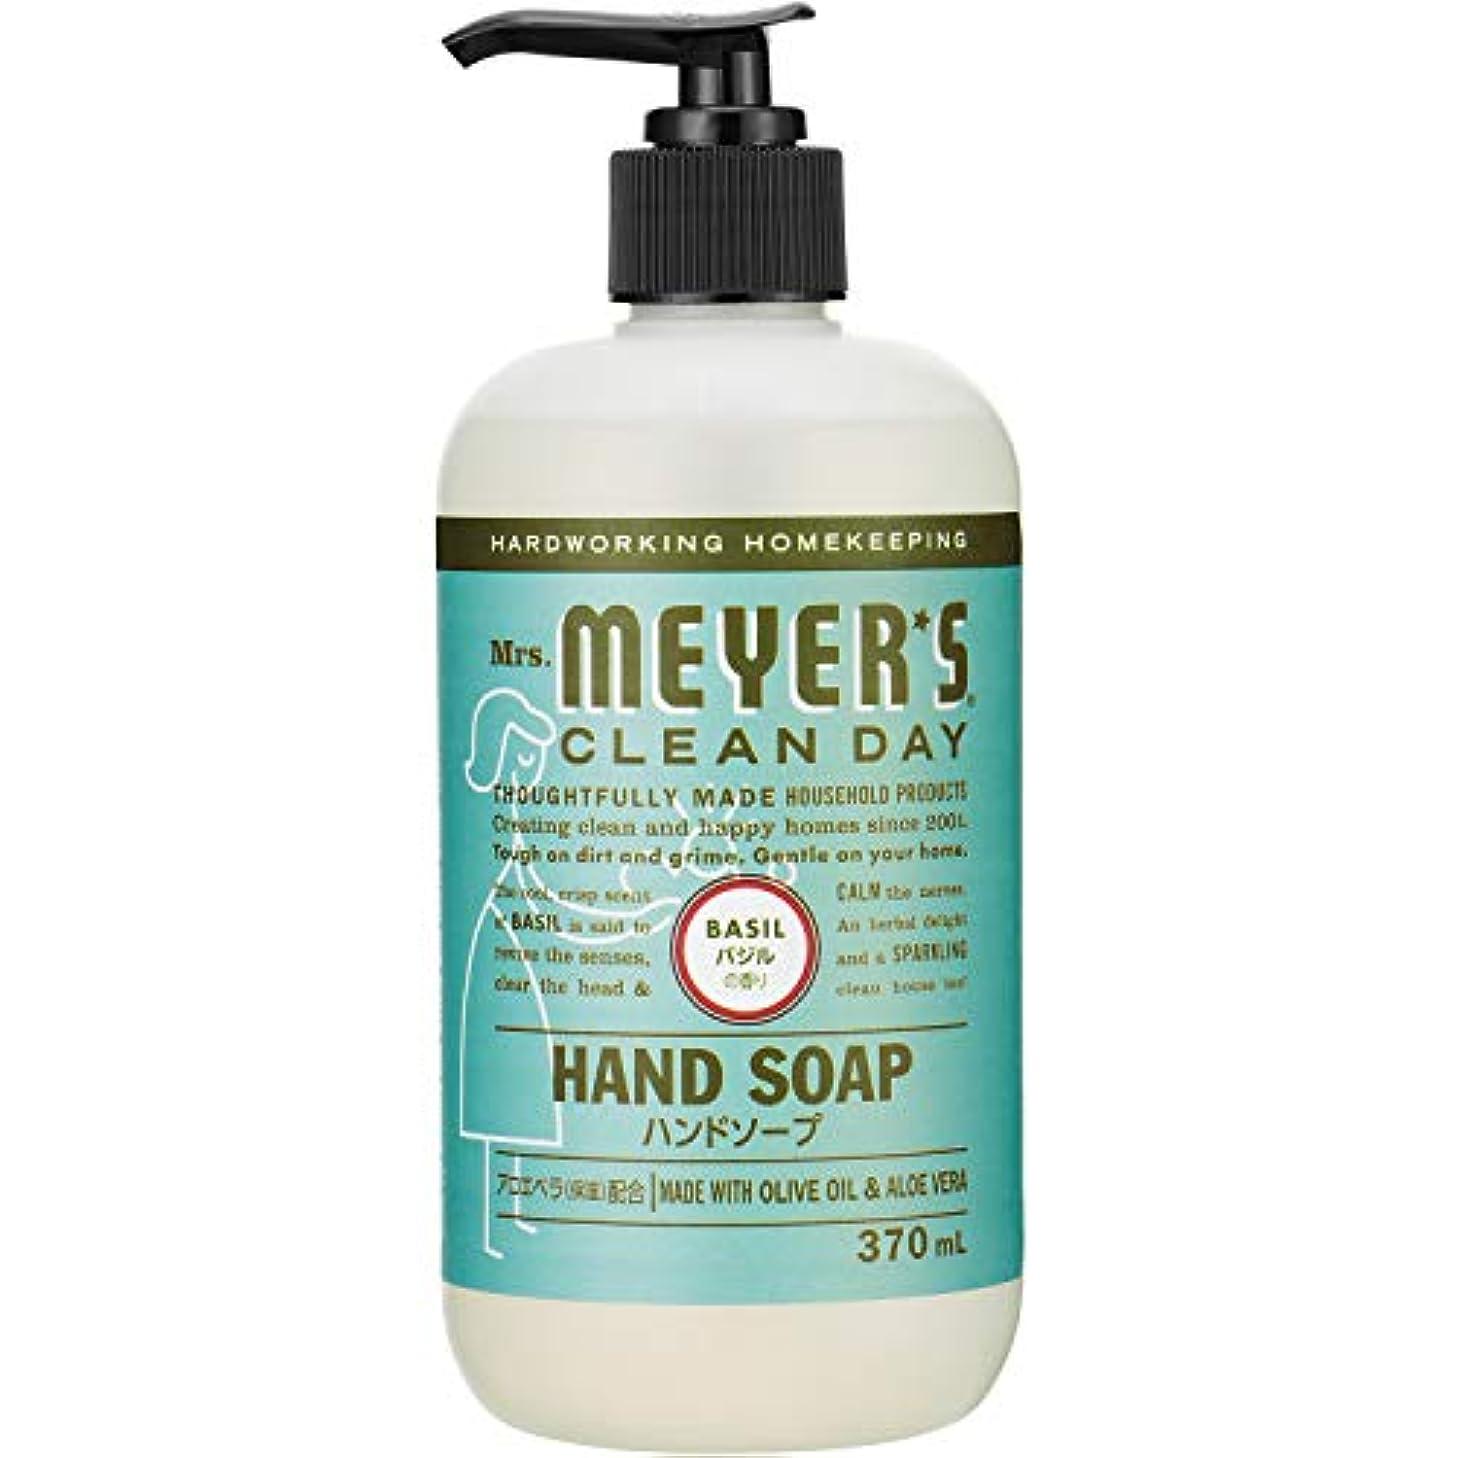 リズミカルな石膏スキャンダルMrs. MEYER'S CLEAN DAY(ミセスマイヤーズ クリーンデイ) ミセスマイヤーズ クリーンデイ(Mrs.Meyers Clean Day) ハンドソープ バジルの香り 370ml